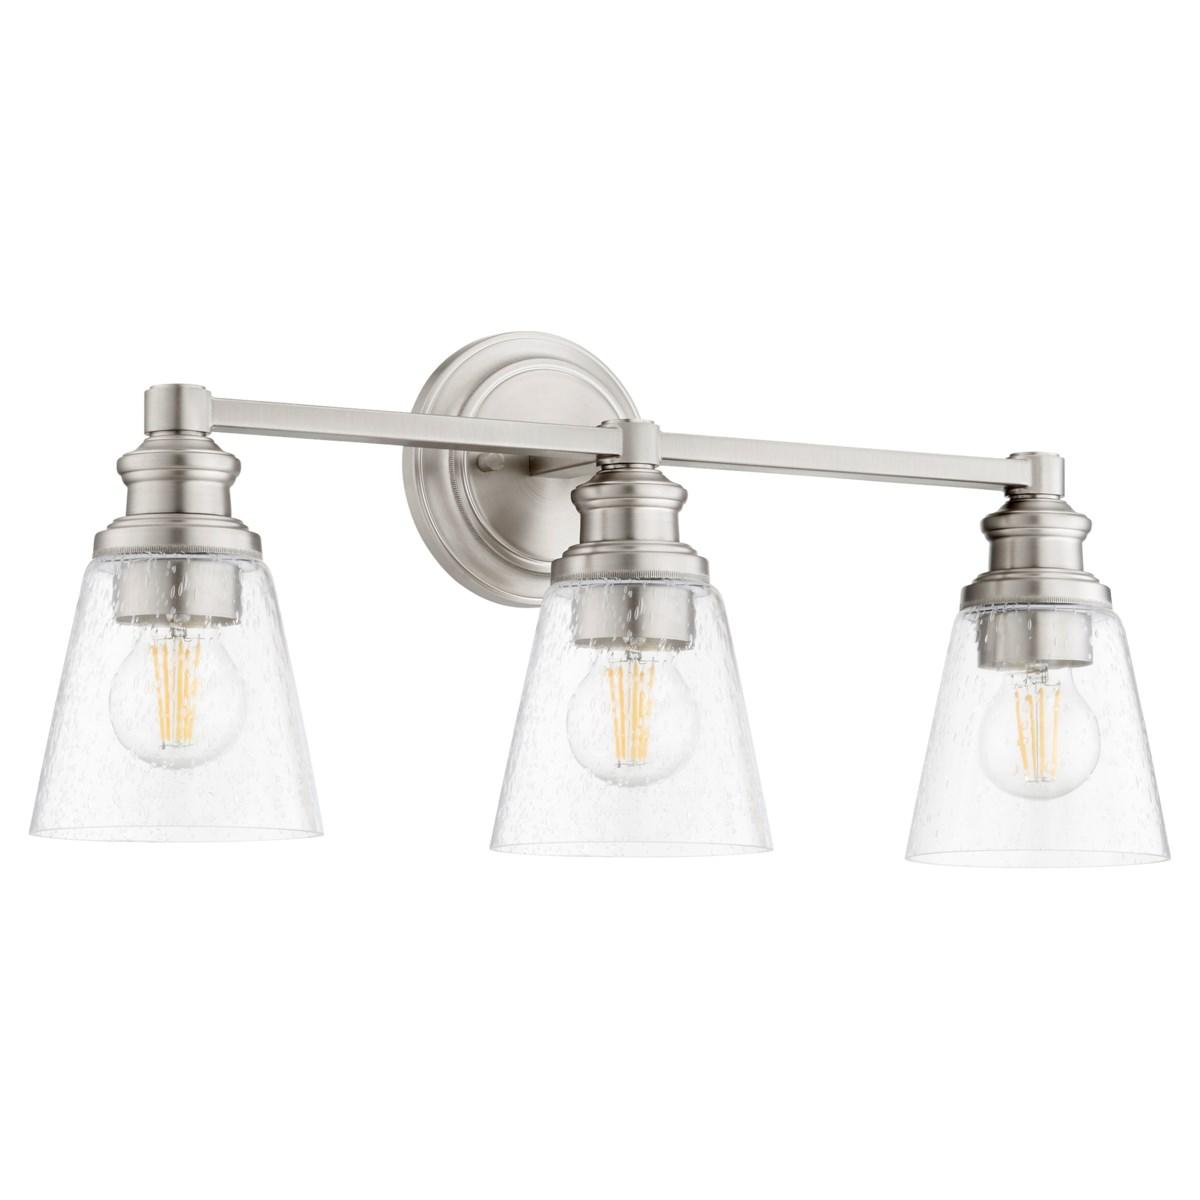 Dunbar 3 Light Soft Contemporary Satin Nickel Vanity